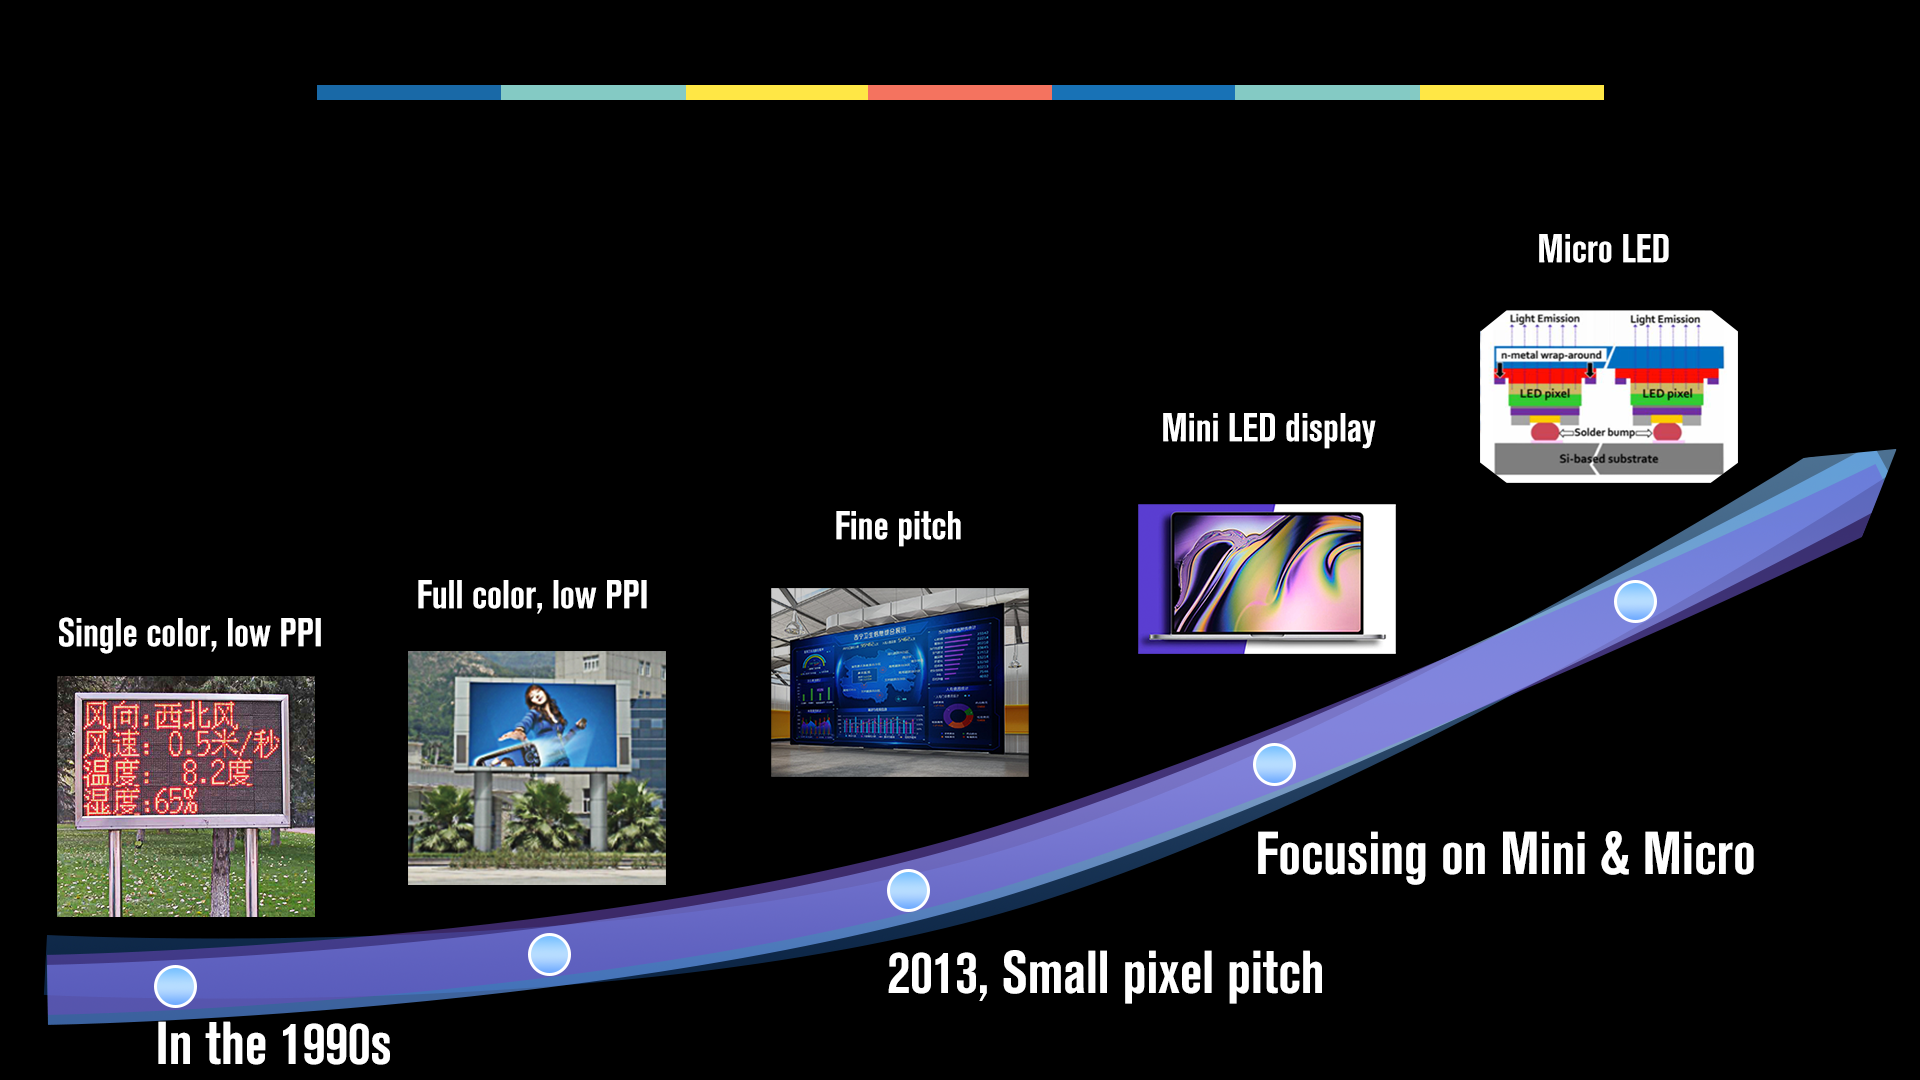 Brève introduction du processus de technologie LED - Fournisseur d'affichage LED